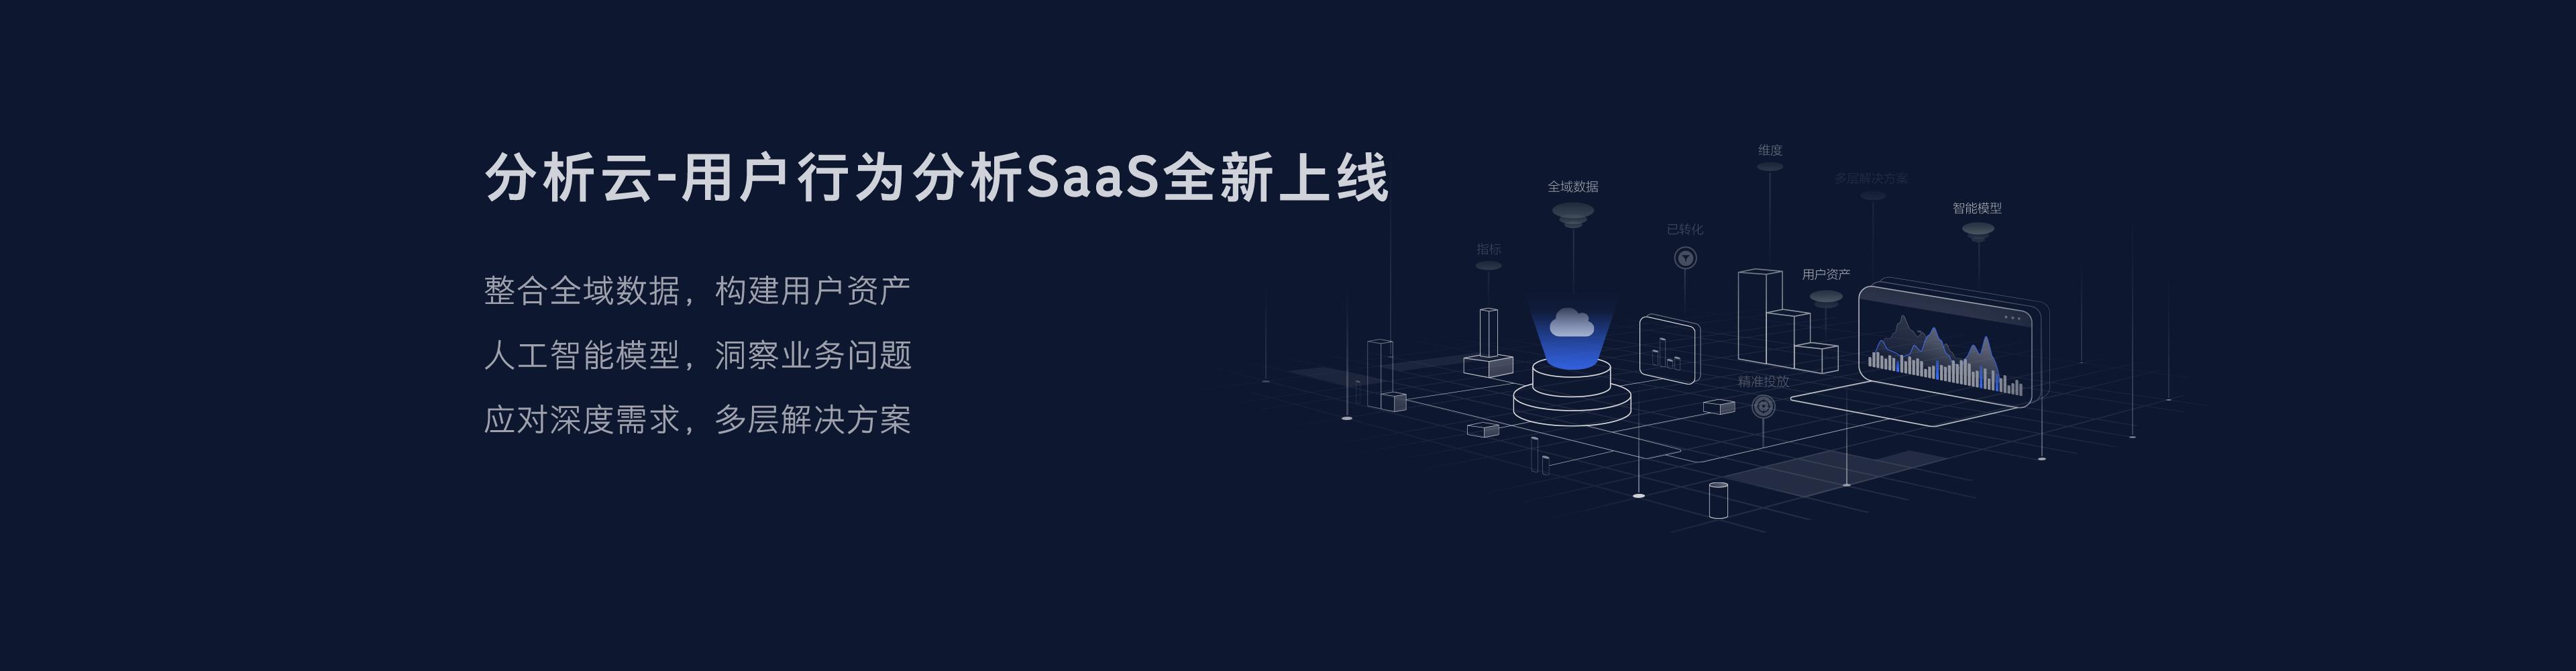 江苏网络品牌营销网络推广计划方案